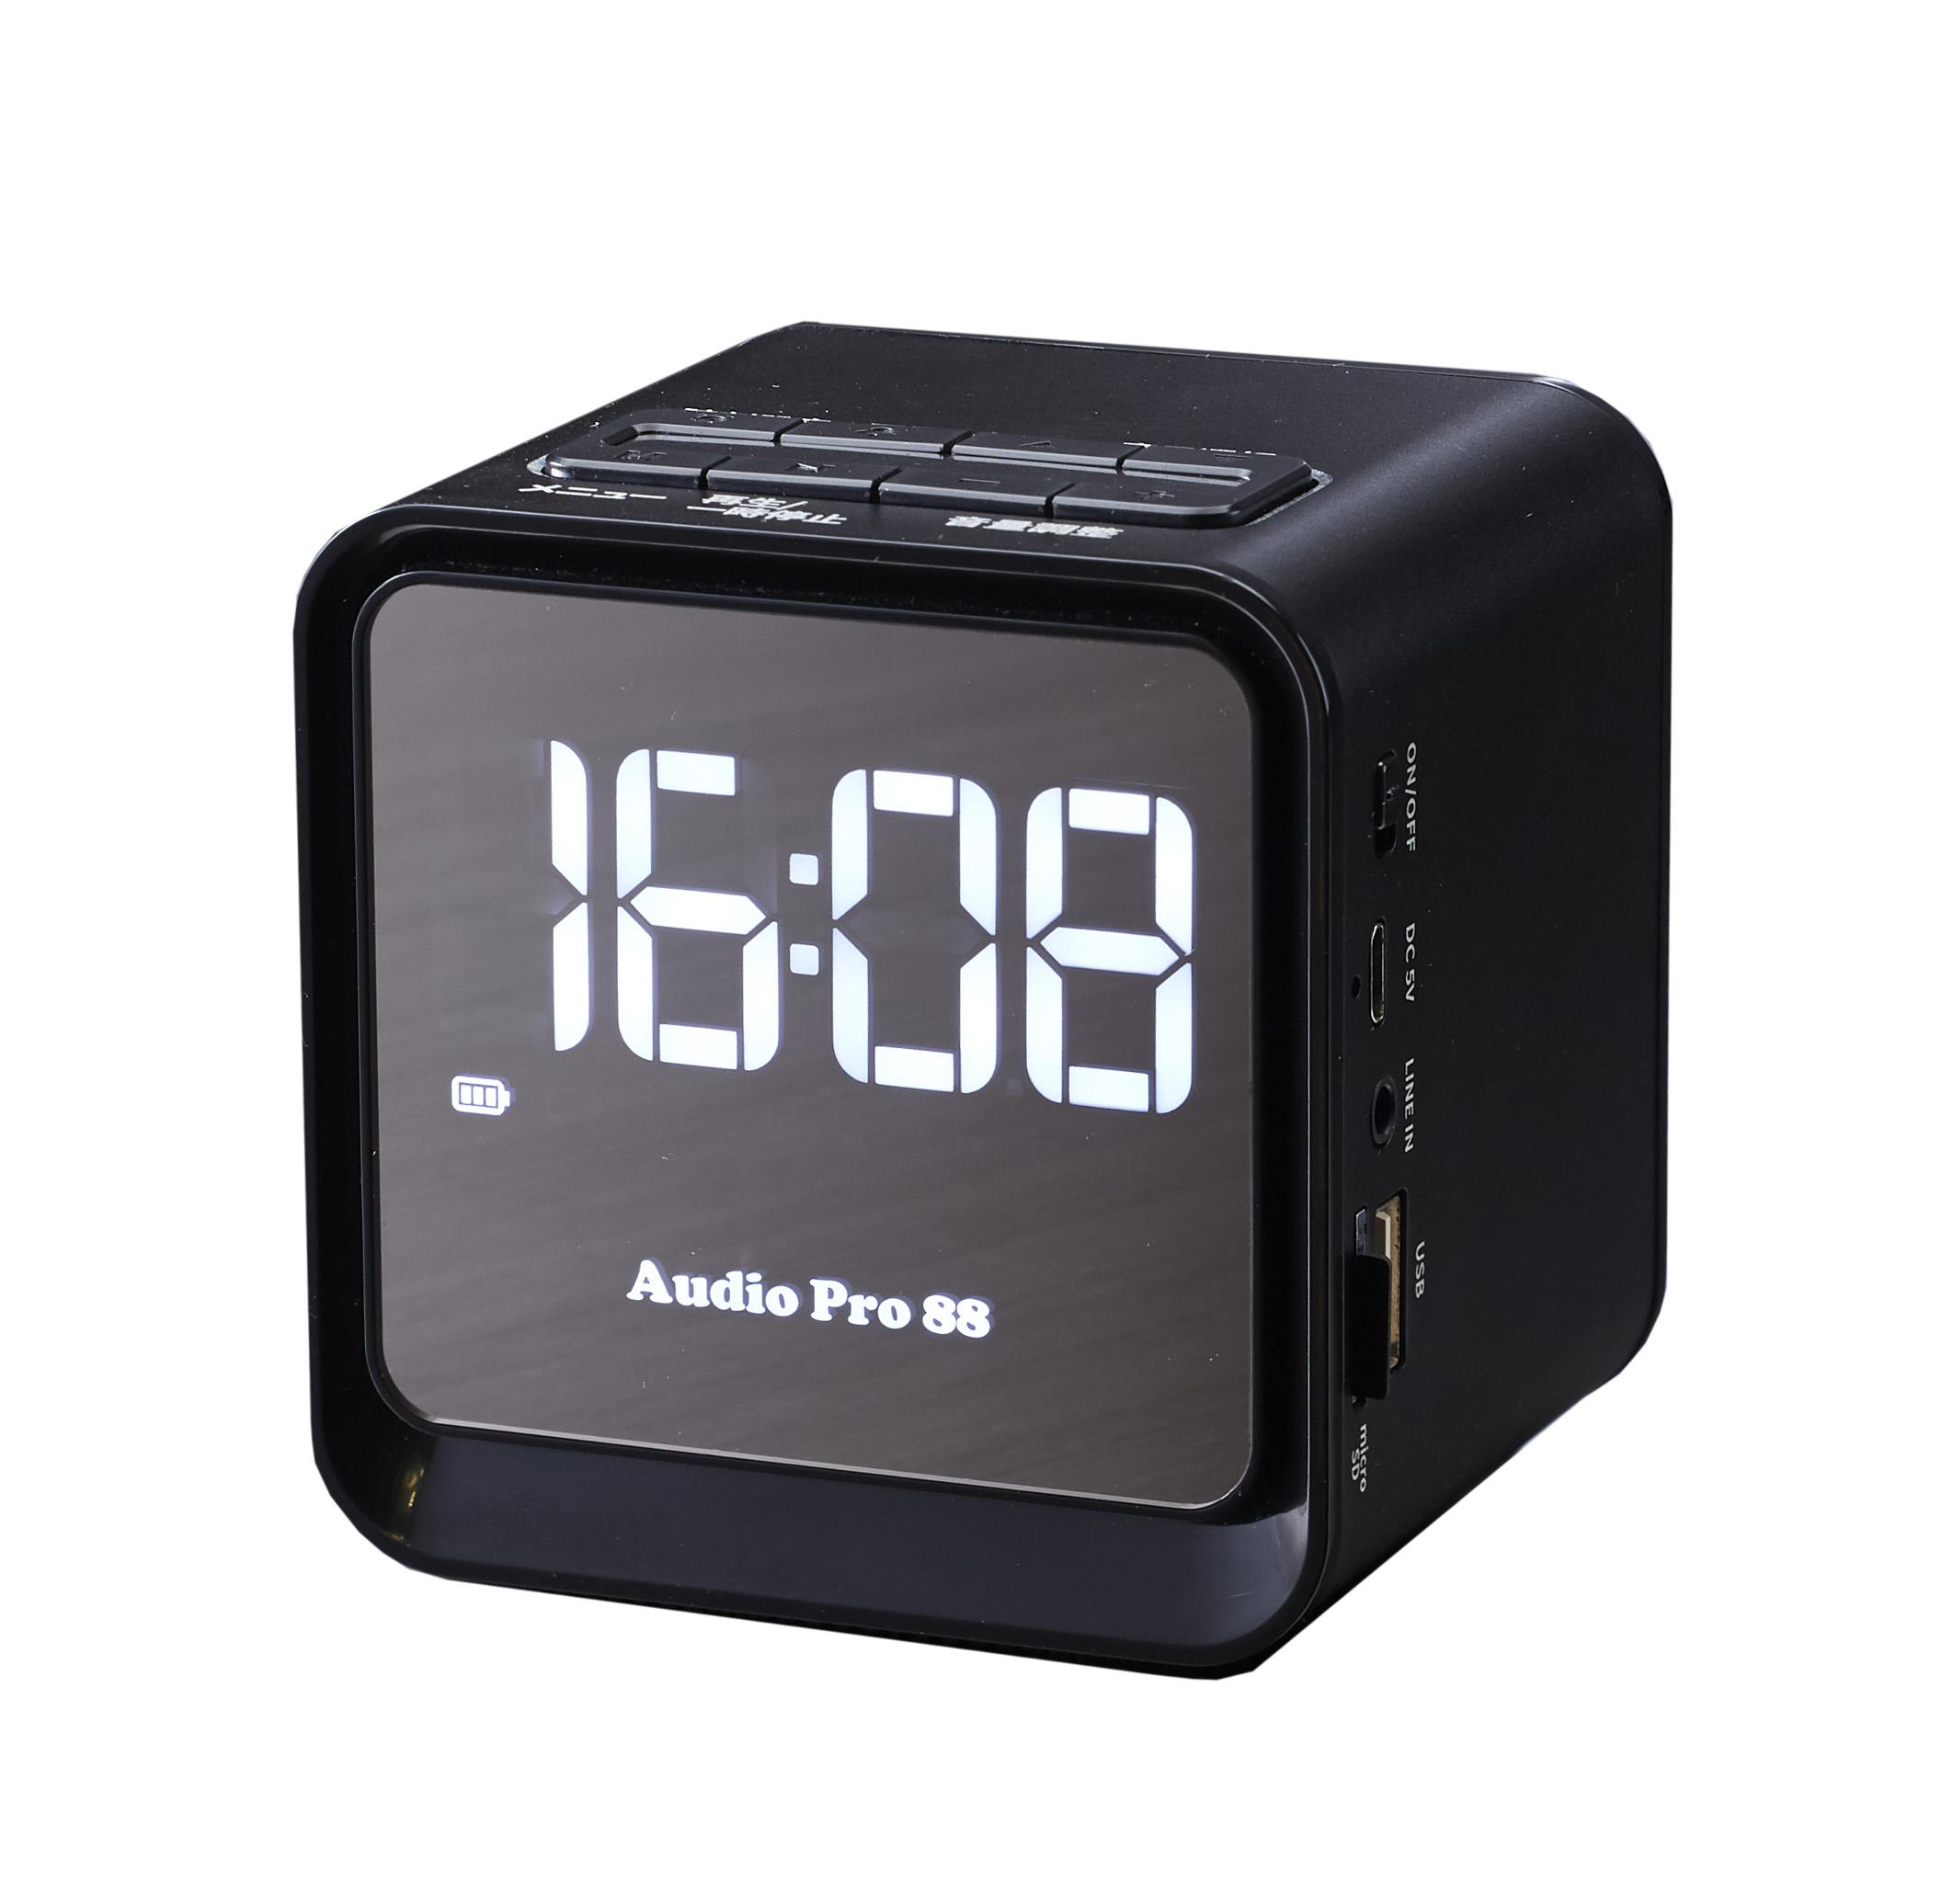 時計機能、FM/micro-SD/USB再生機能搭載のbluetoothスピーカーTMB-009  【プチ・ステ~ション】